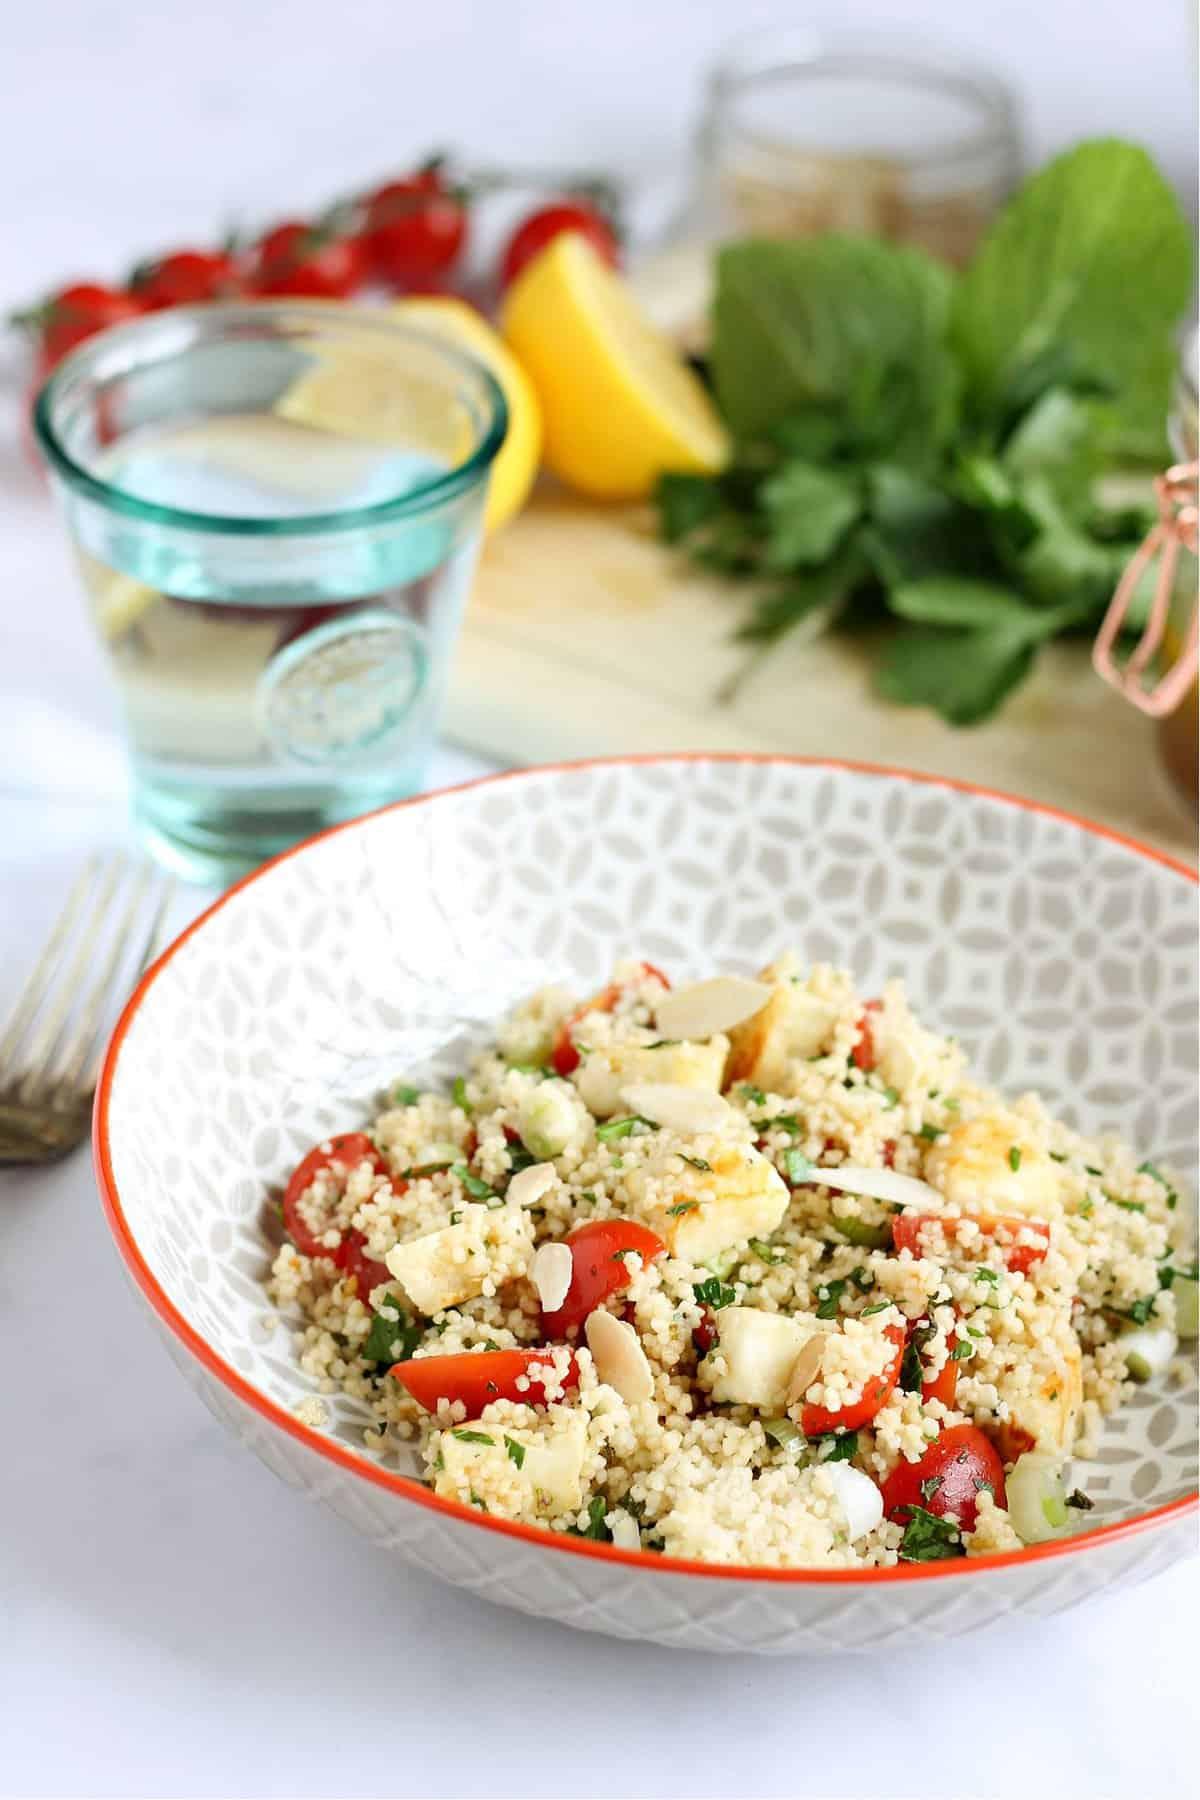 Close-up of halloumi couscous salad